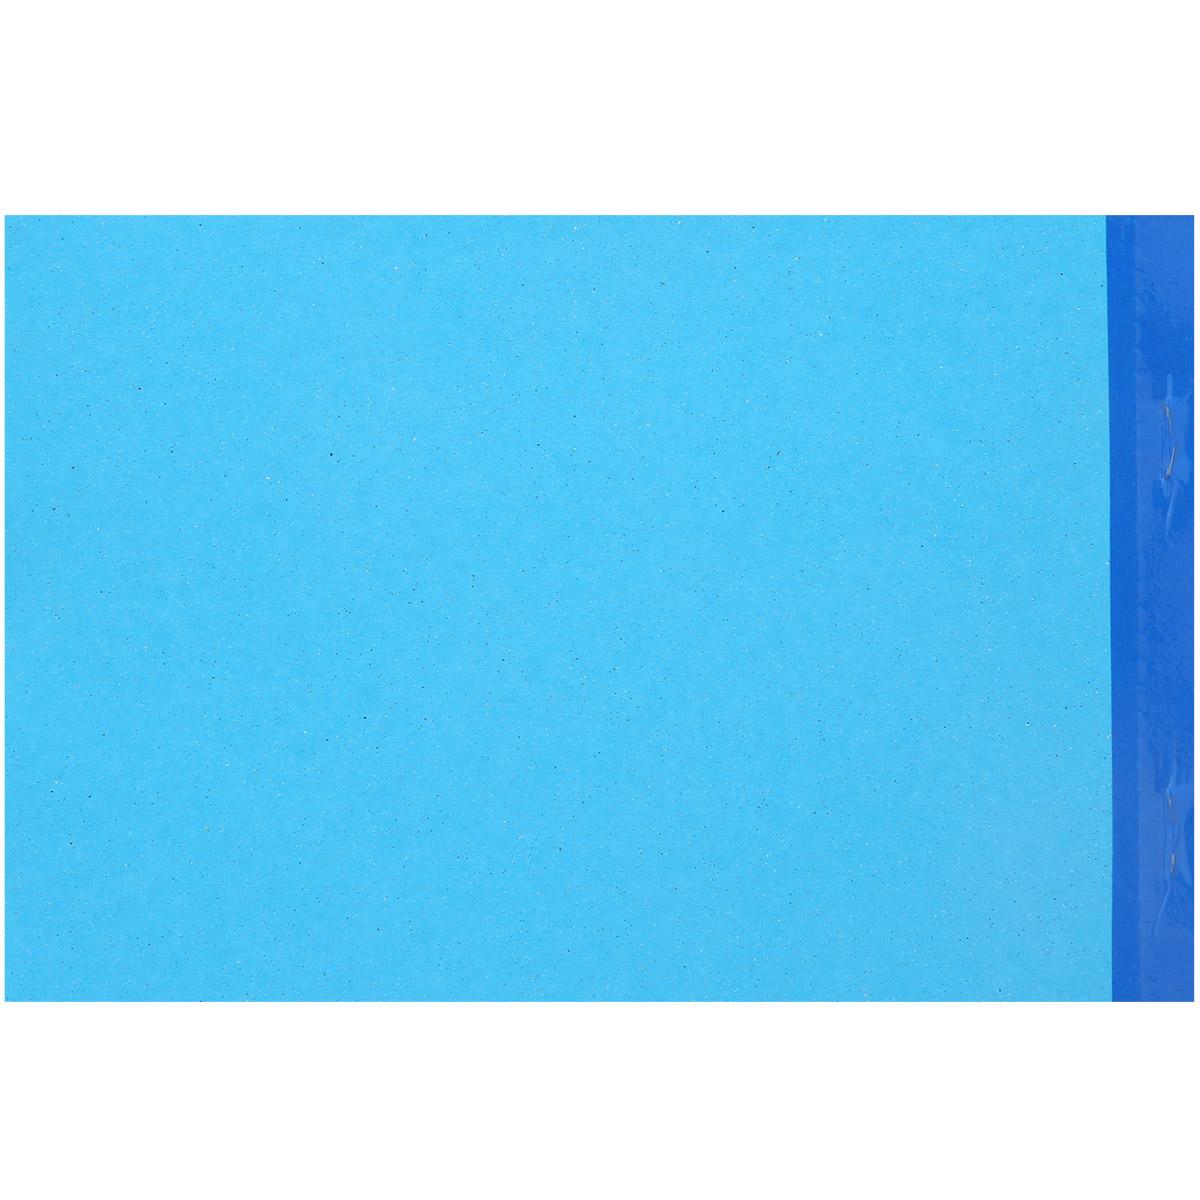 Lốc 10 Quyển Phiếu Thu 13 x 19 cm